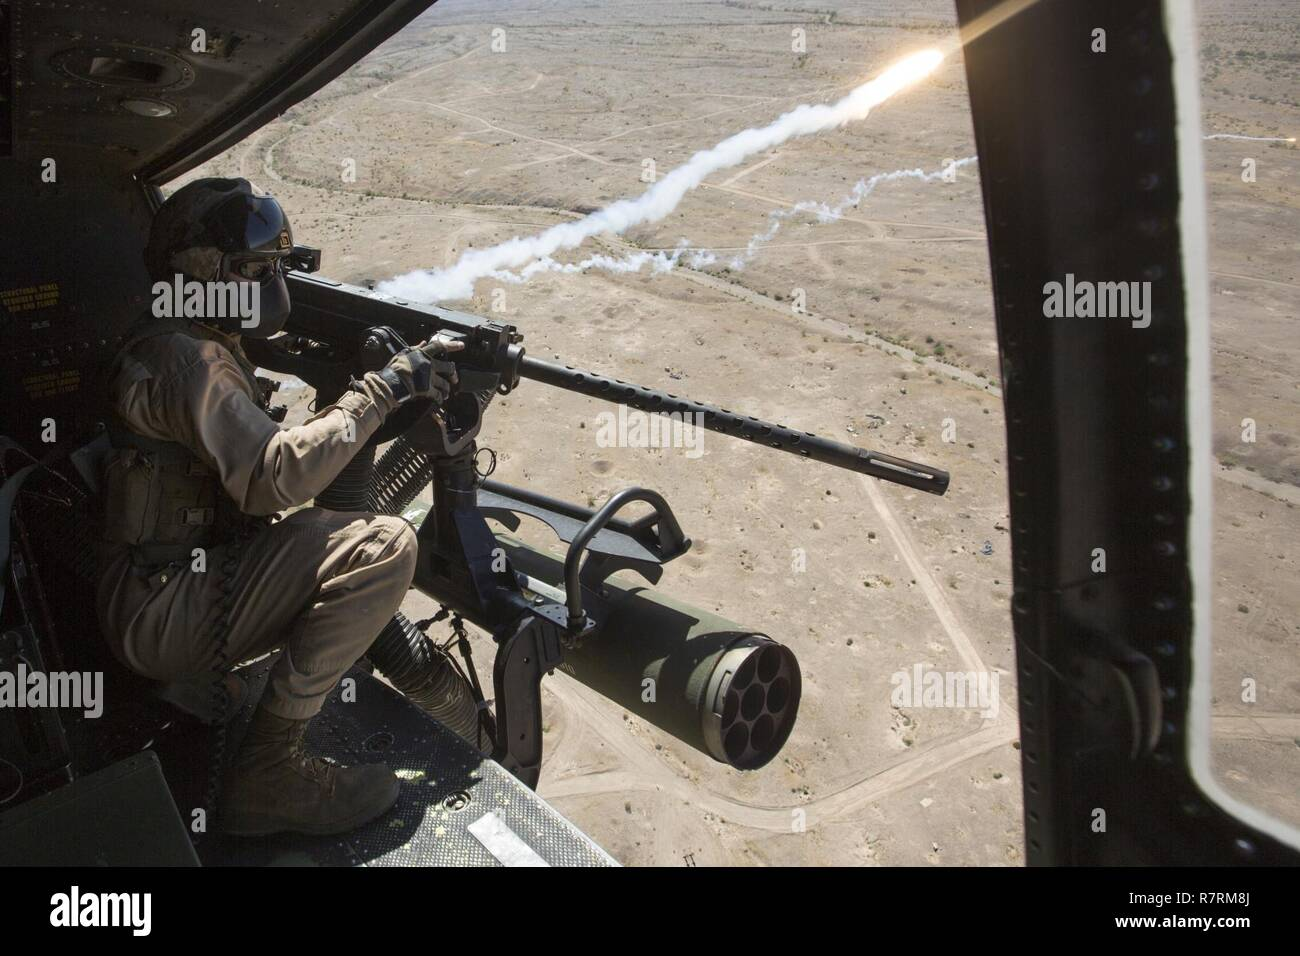 Cuerpo de Marines de EE.UU Cpl. Justin Gilstrap, un jefe de la tripulación con Luz Marina 167 escuadrón de helicópteros de ataque (HMLA-167), desencadena un GAU-21 calibre .50 ametralladora durante la artillería aérea perforadoras de refinamiento en chocolate Antena Montaña Tiro, California, 5 de abril de 2017. Armas y tácticas Instructor 2-17 es un evento de capacitación de siete semanas organizado por la Aviación Marina armas y tácticas de escuadrón MAWTS Uno (cuadro 1). Foto de stock